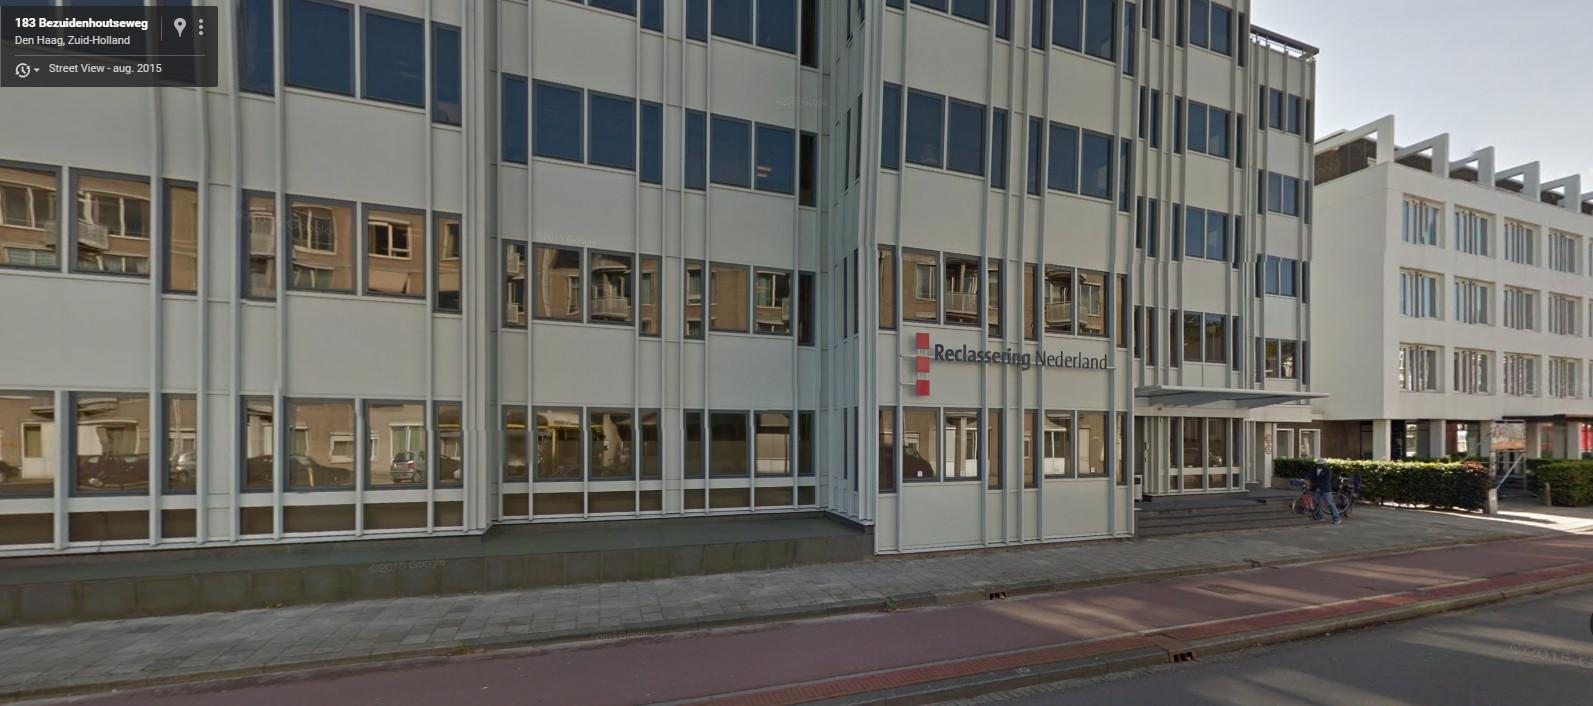 Het pand van Reclassering Nederland aan de Bezuidenhoutse weg. Het salaris van één van de bestuurders was in 2012 hoger dan de norm van 194.000 euro.